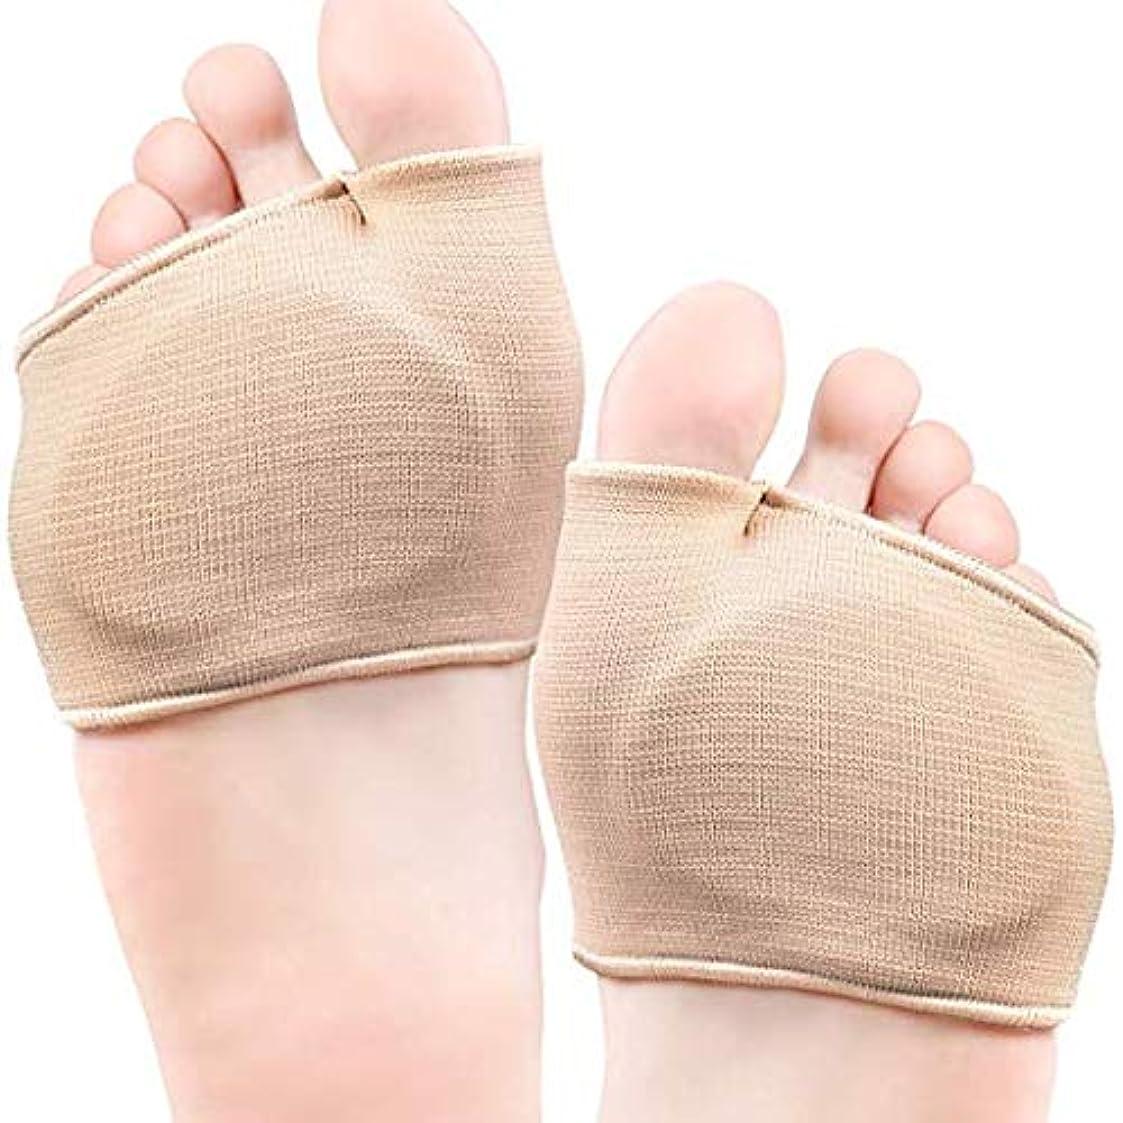 ドライバ変動するエージェント前足部クッションパッド付き中足部ジェルスリーブ(2ペア)-足の健康のボールをサポート(サイズ:L/XL-中足部スリーブ-靴/ブーツ)